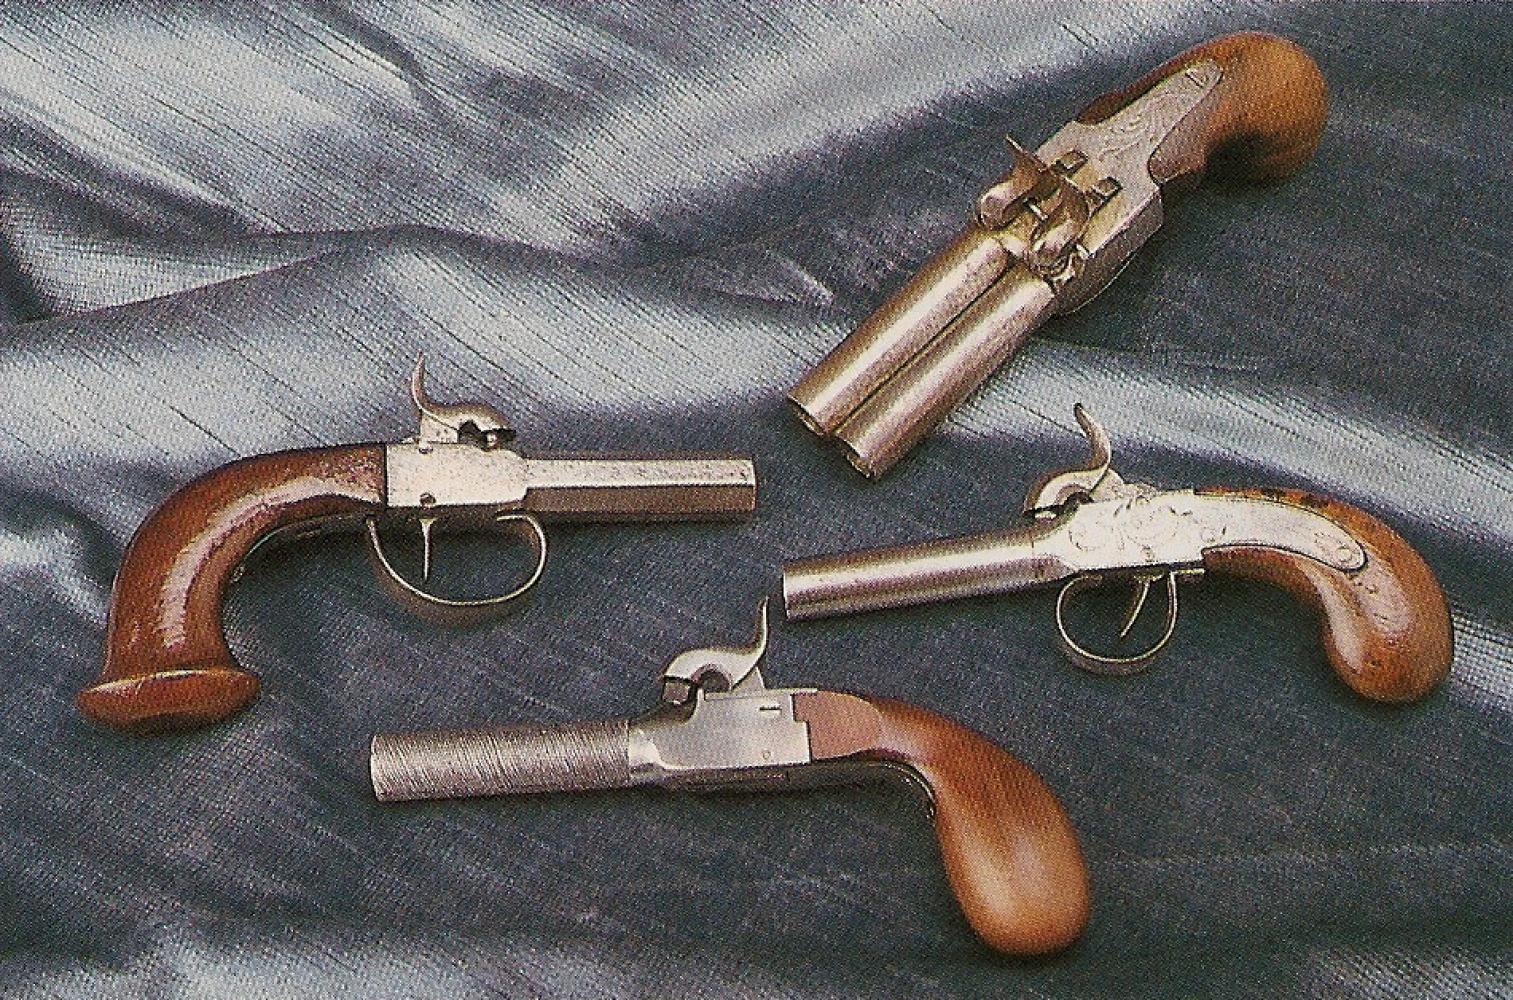 La réplique italienne est accompagnée ici par trois pistolets de poche anciens authentiques. Ces petits pistolets à coffre connurent un grand succès, comme arme de défense, de 1820 à 1860 environ, avant de céder progressivement leur place aux revolvers.